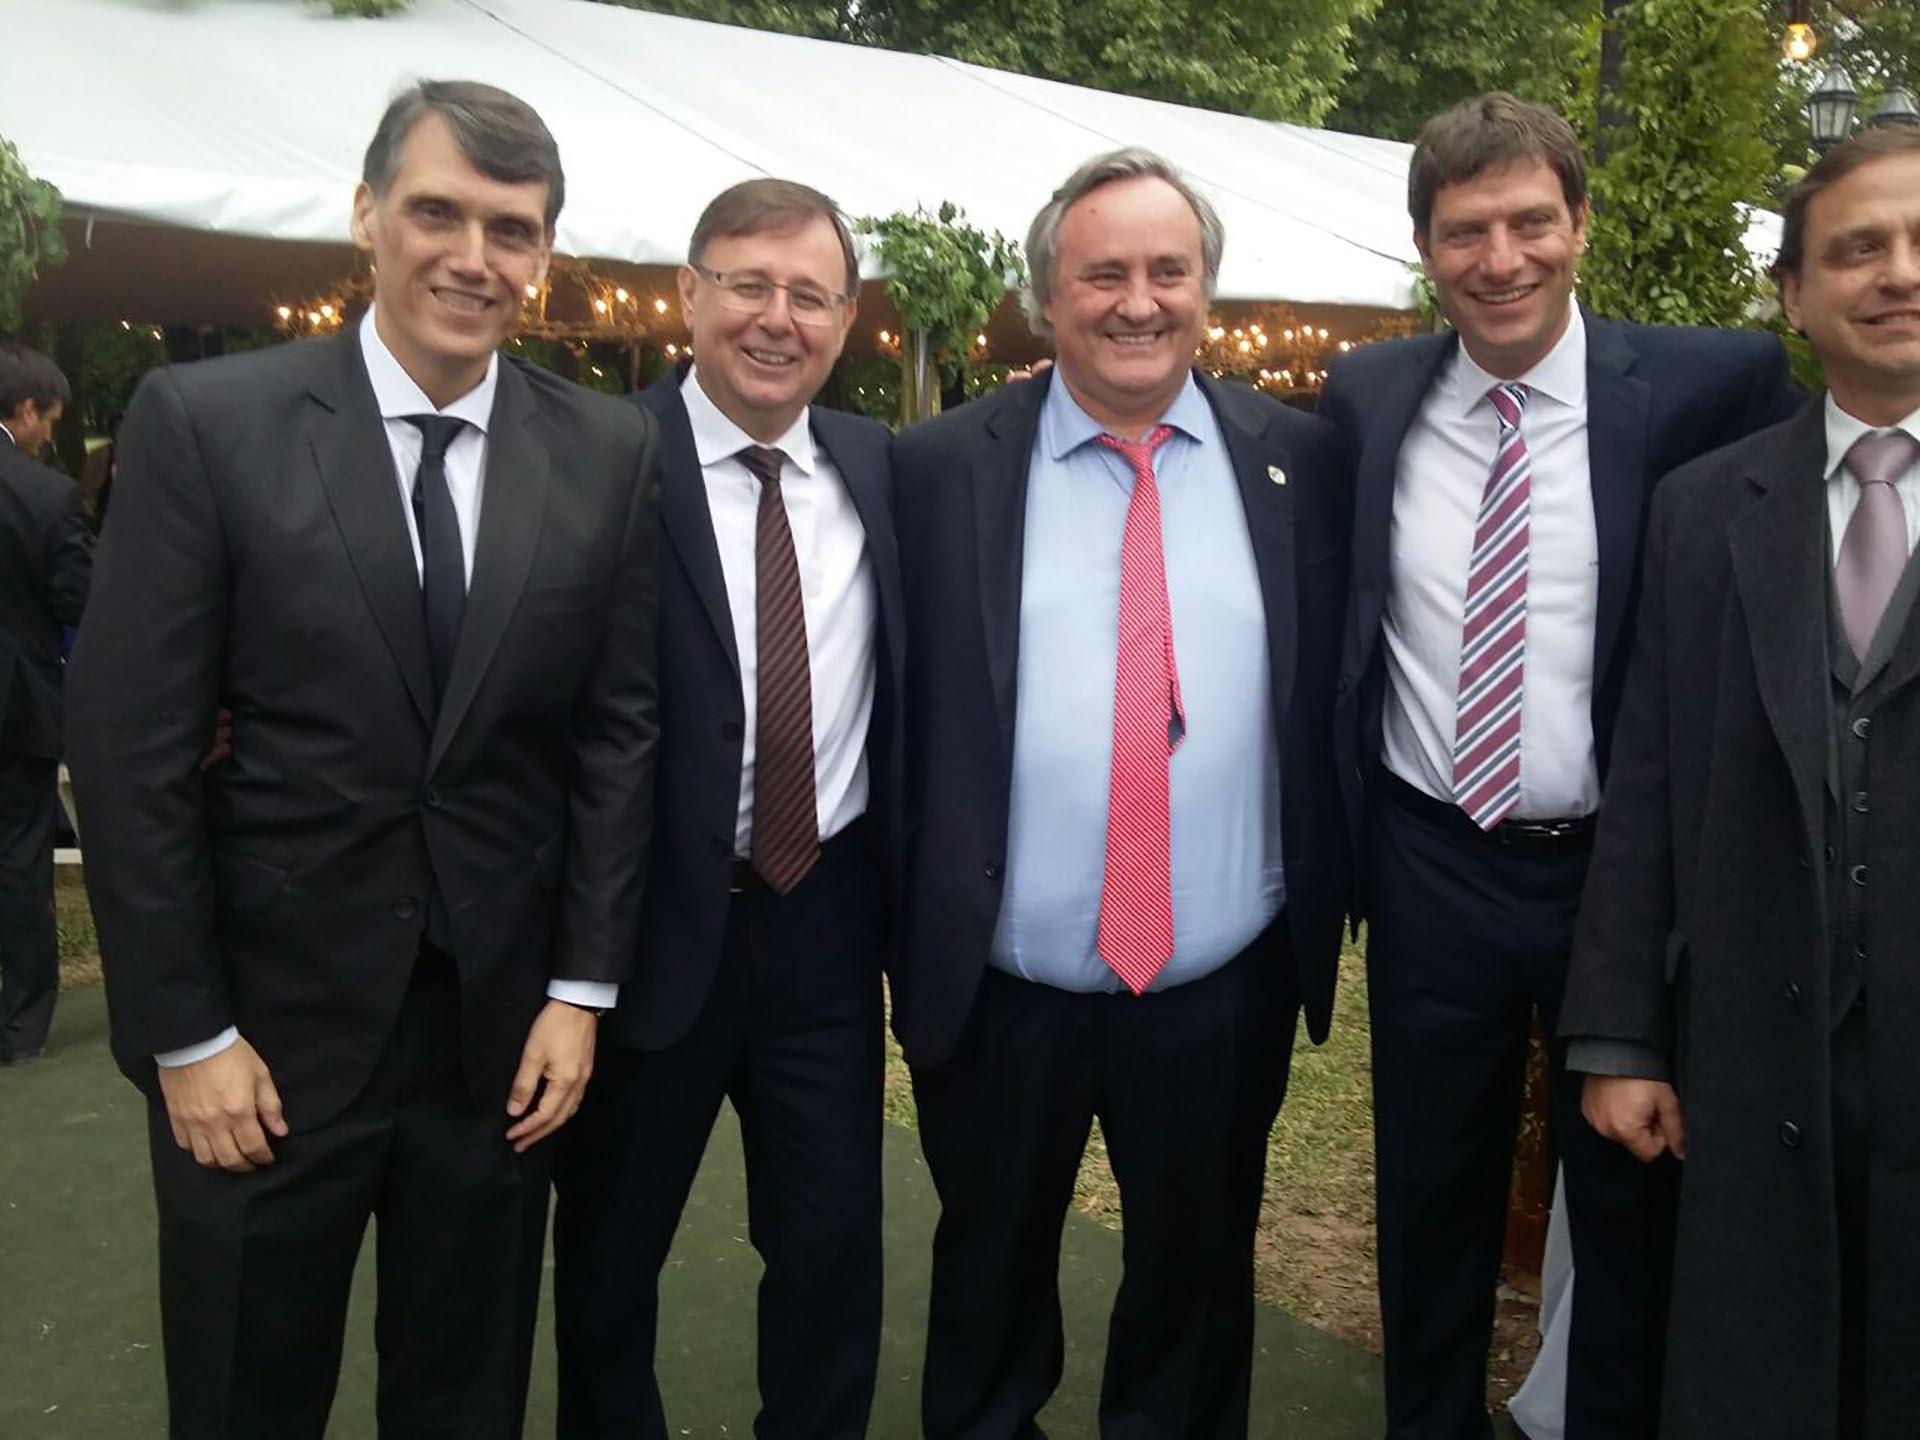 Los diputados Pablo Kosiner, Oscar Romero, el ministro de Producción bonaerense Joaquín de la Torre y el diputado Javier David